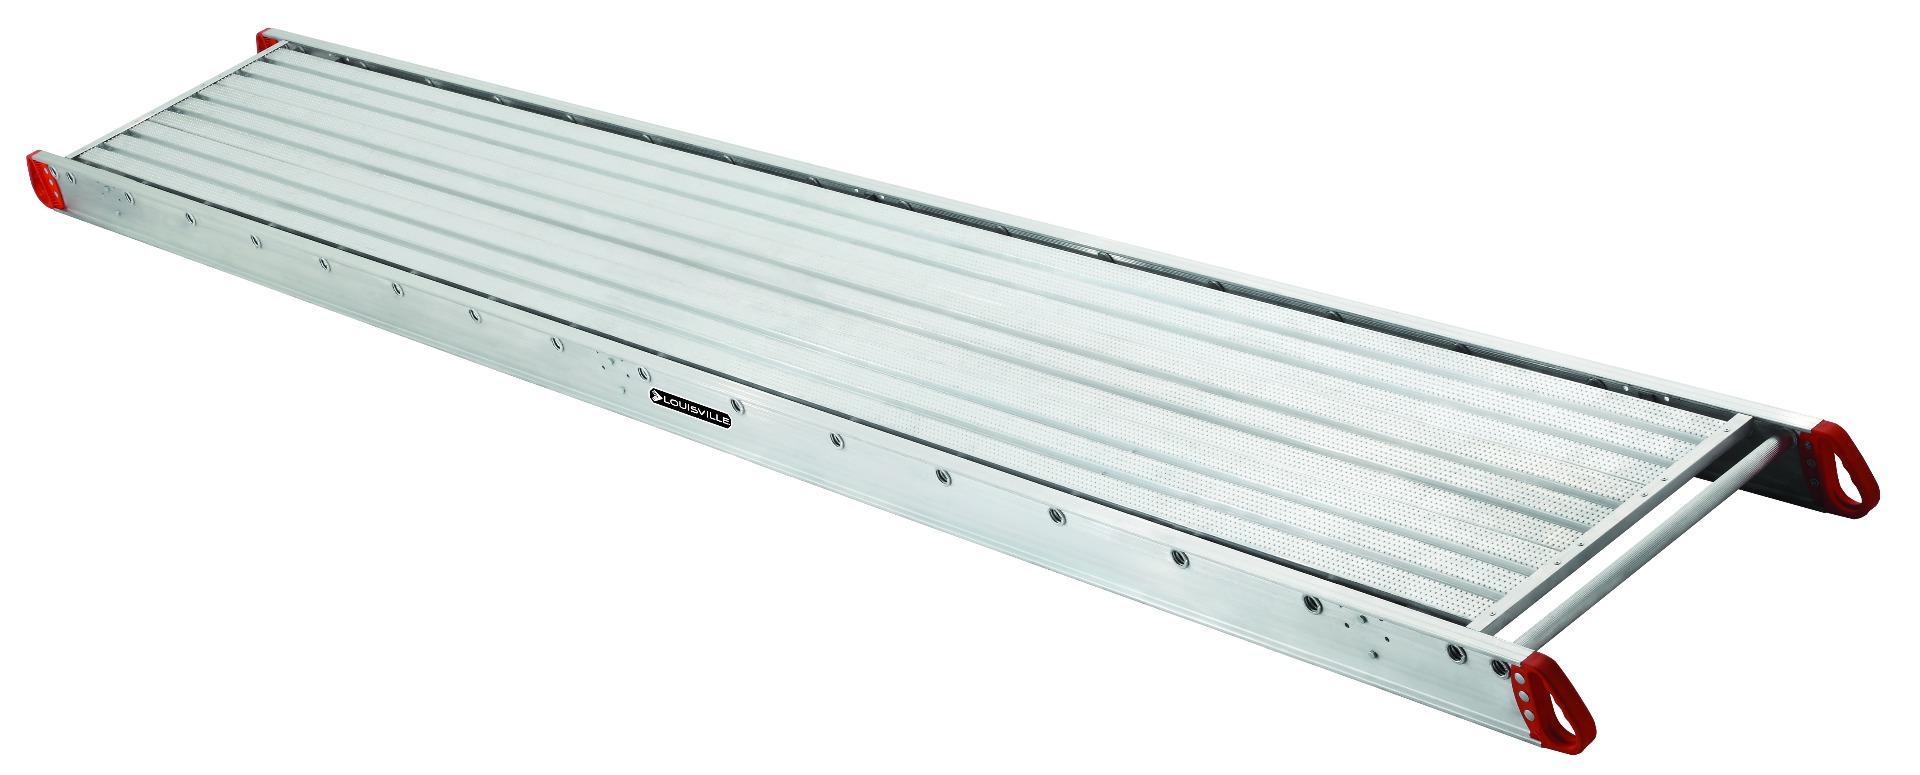 36 ft Aluminum Stage Platform Stages & Planks